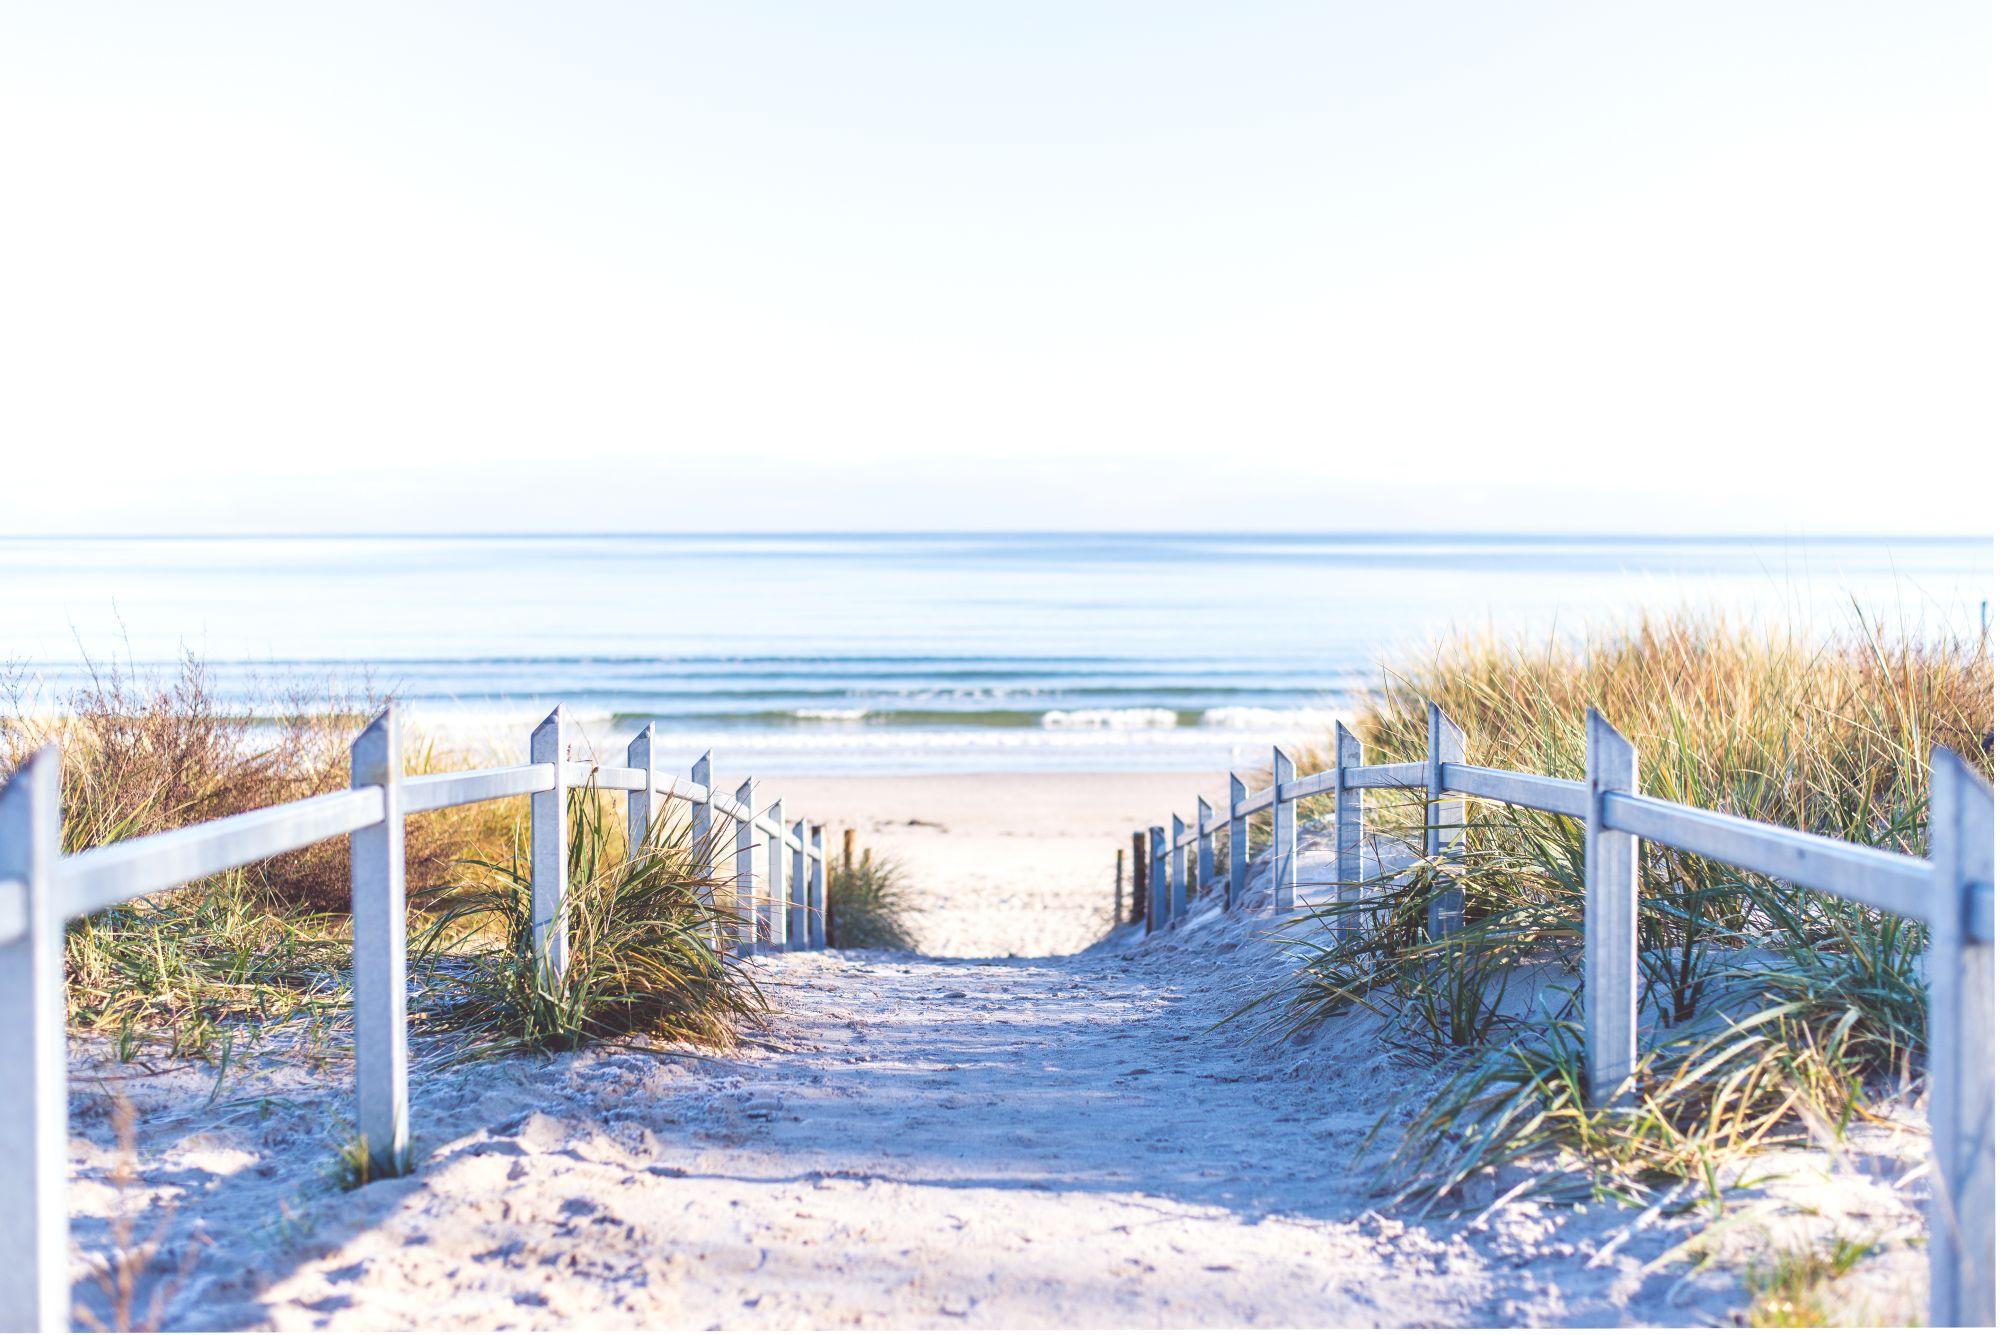 Bałtyk widok wybrzeża